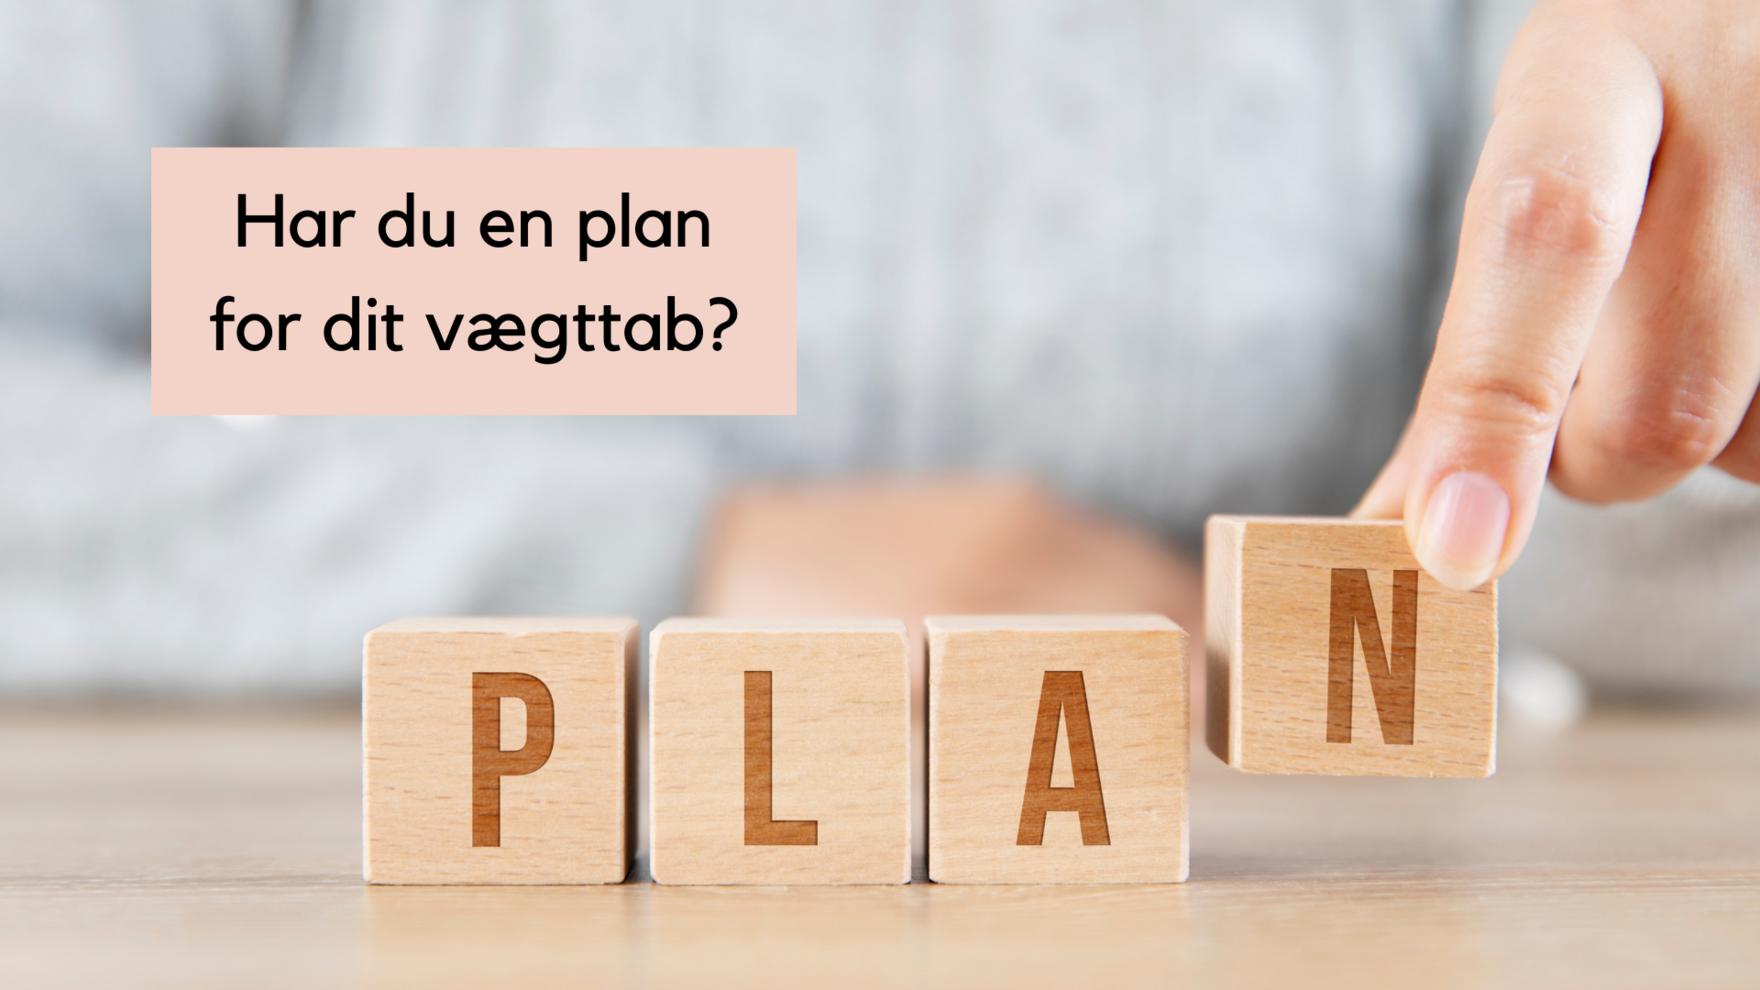 Har du en plan for dit vægttab?